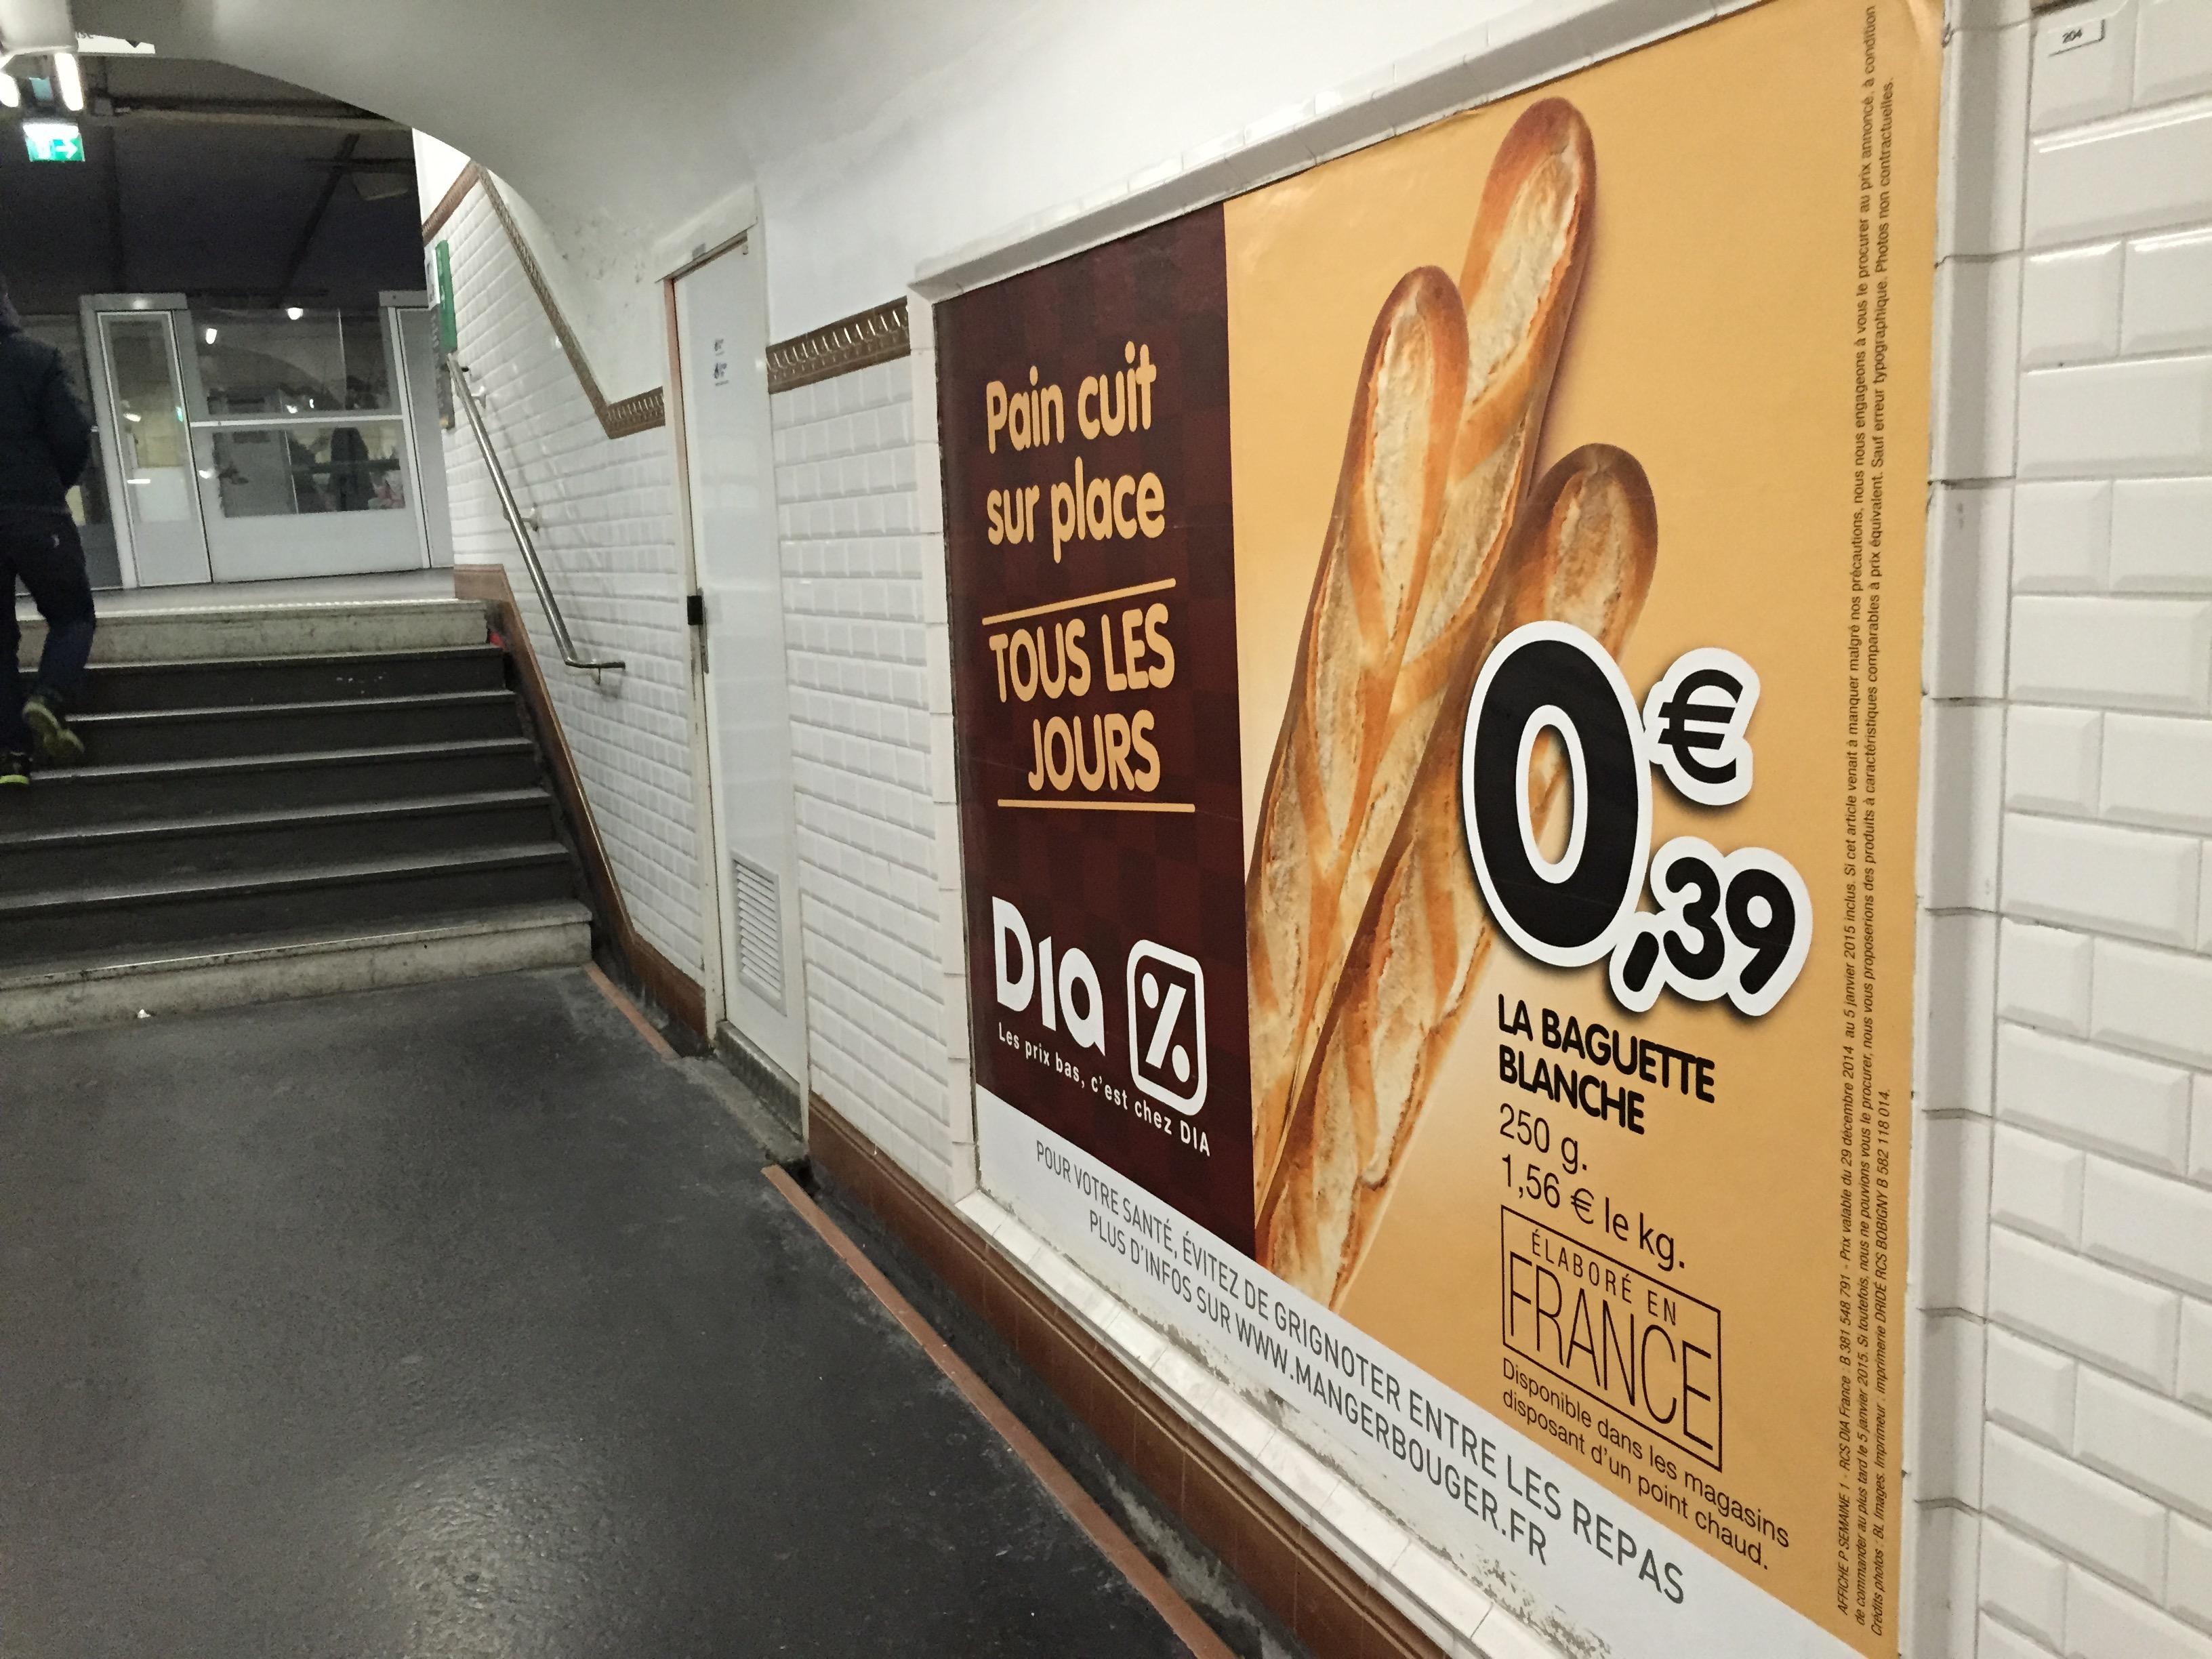 Alle Klischees erfüllt: Plakatwerbung für Baguette.